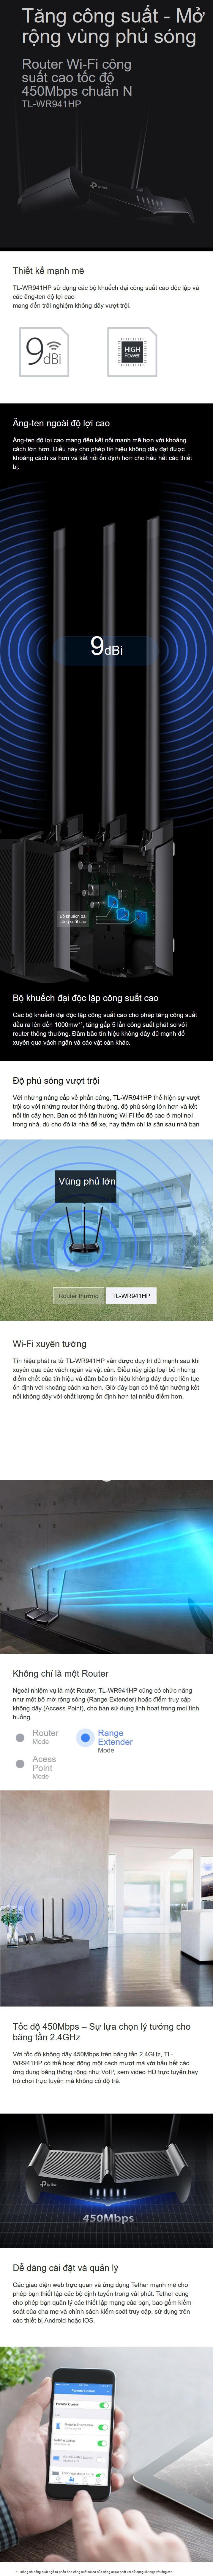 Bộ phát WIFI Router TP-Link TL-WR941HP 450Mbps chuẩn N